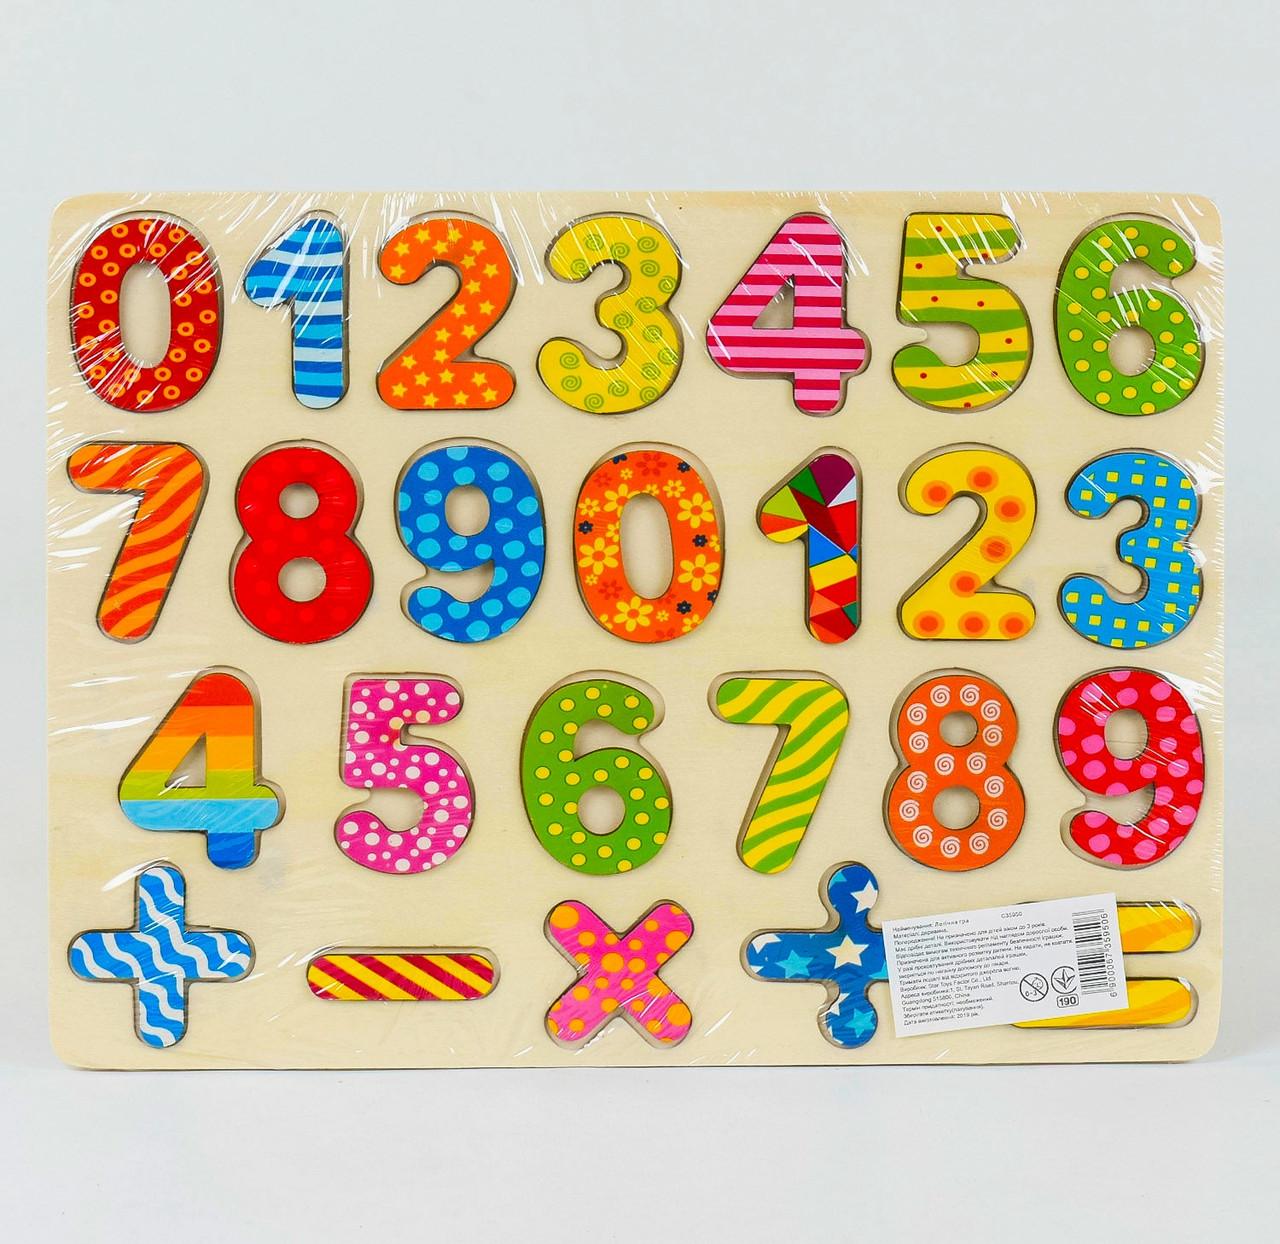 Дерев'яні набір для навчання Цифри, дошка з цифрамы - Магазин дитячих іграшок kidstoys3-16 в Харкові